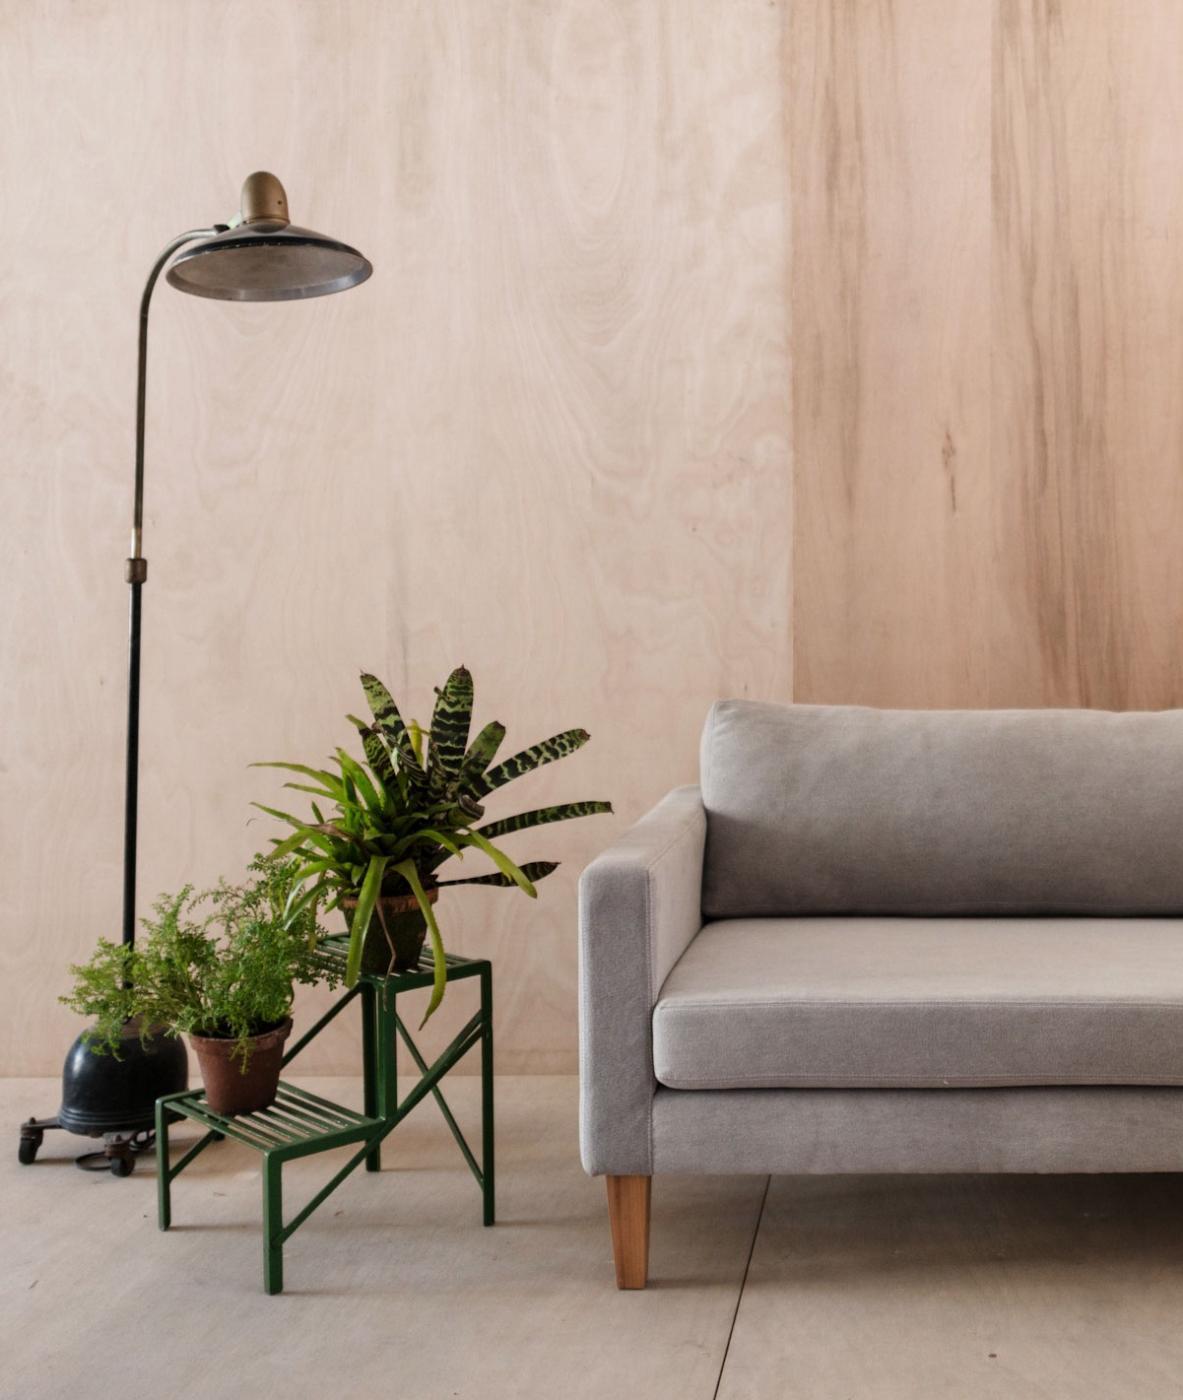 898-sofa-mooc-mooc-moveis-objetos-e-outras-coisas-5-1400.jpg